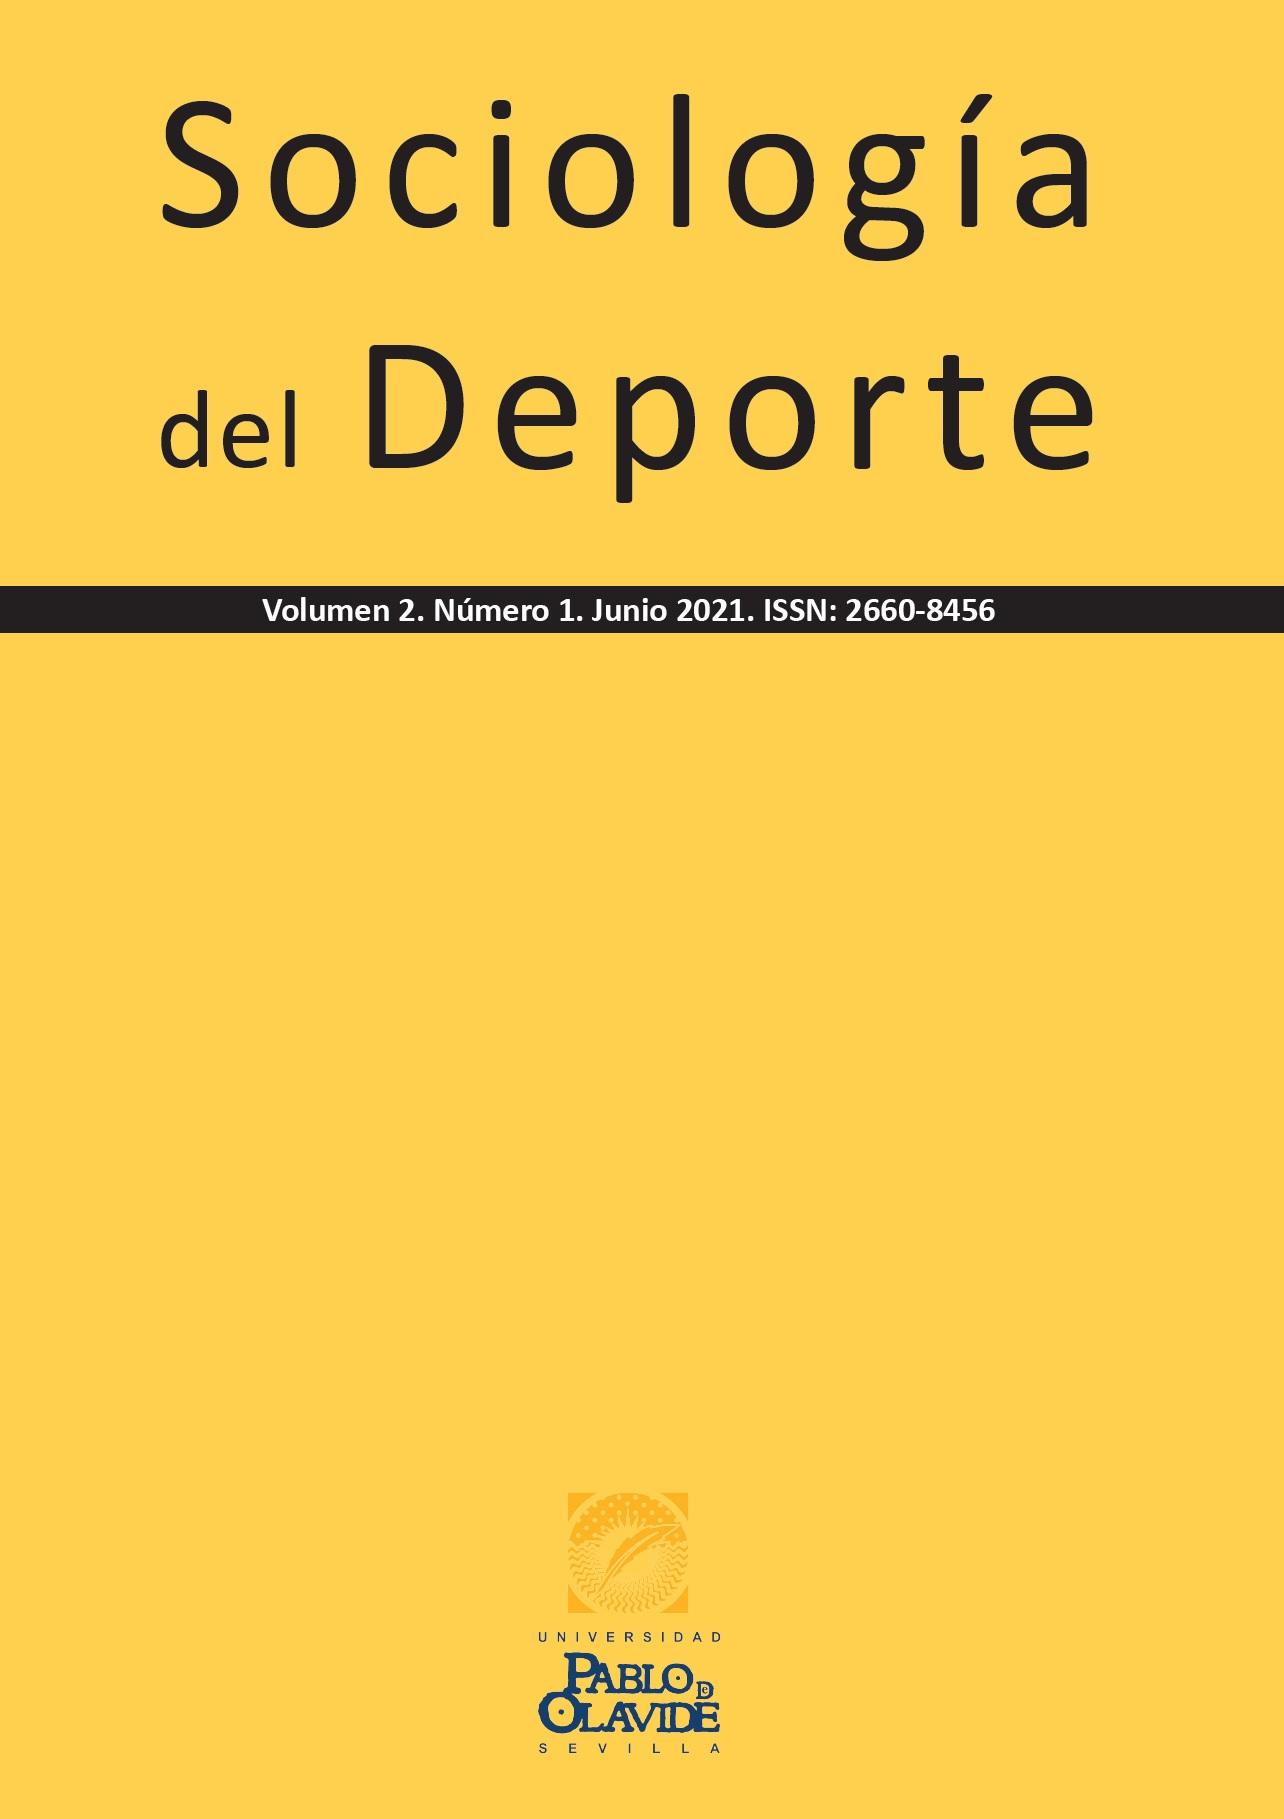 Sociología del Deporte, Volumen 2, Número 1, Junio 2021